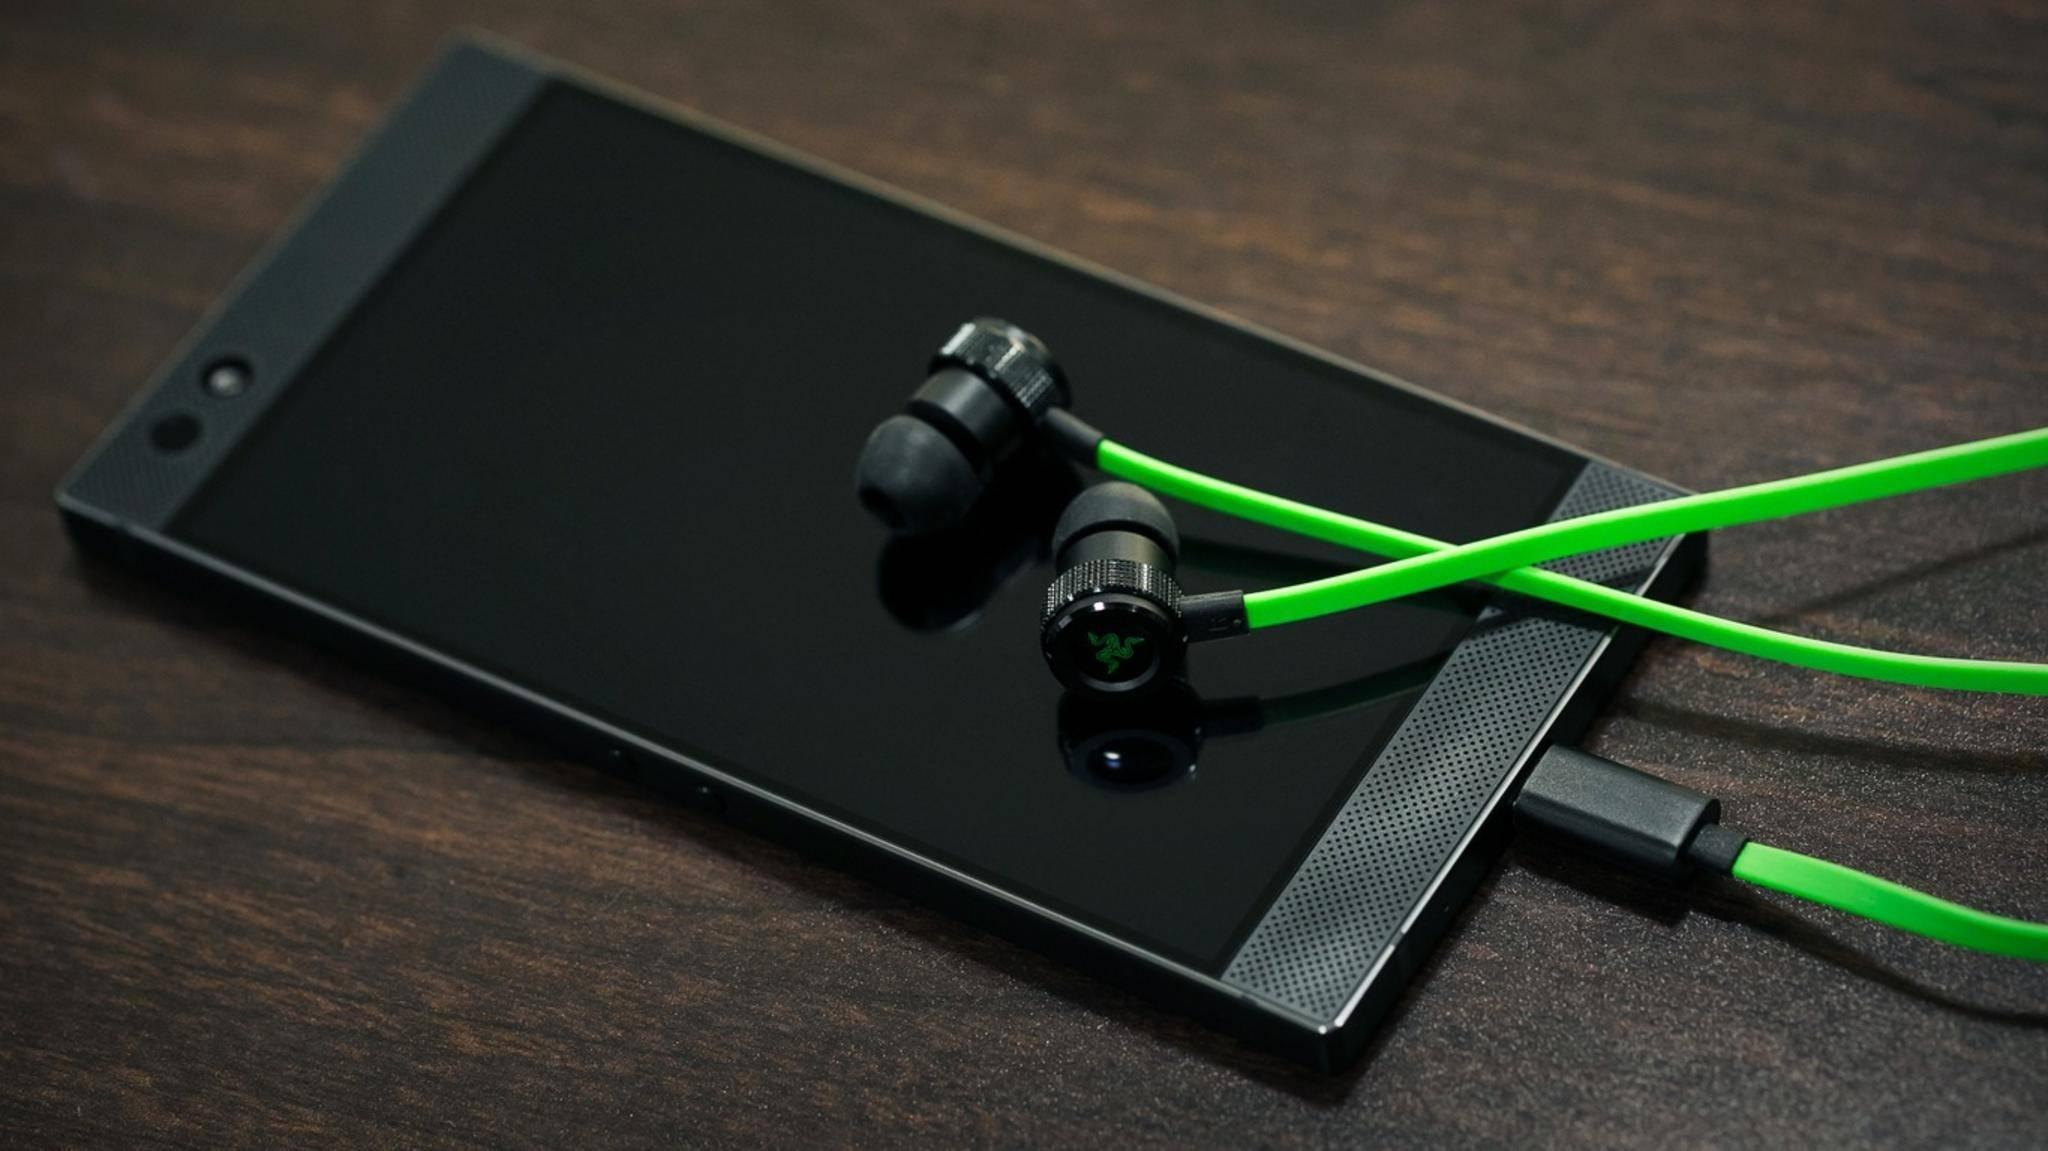 Die Hammerhead-In-Ears gibt es nun als USB-C-Modell für das Razer-Smartphone.